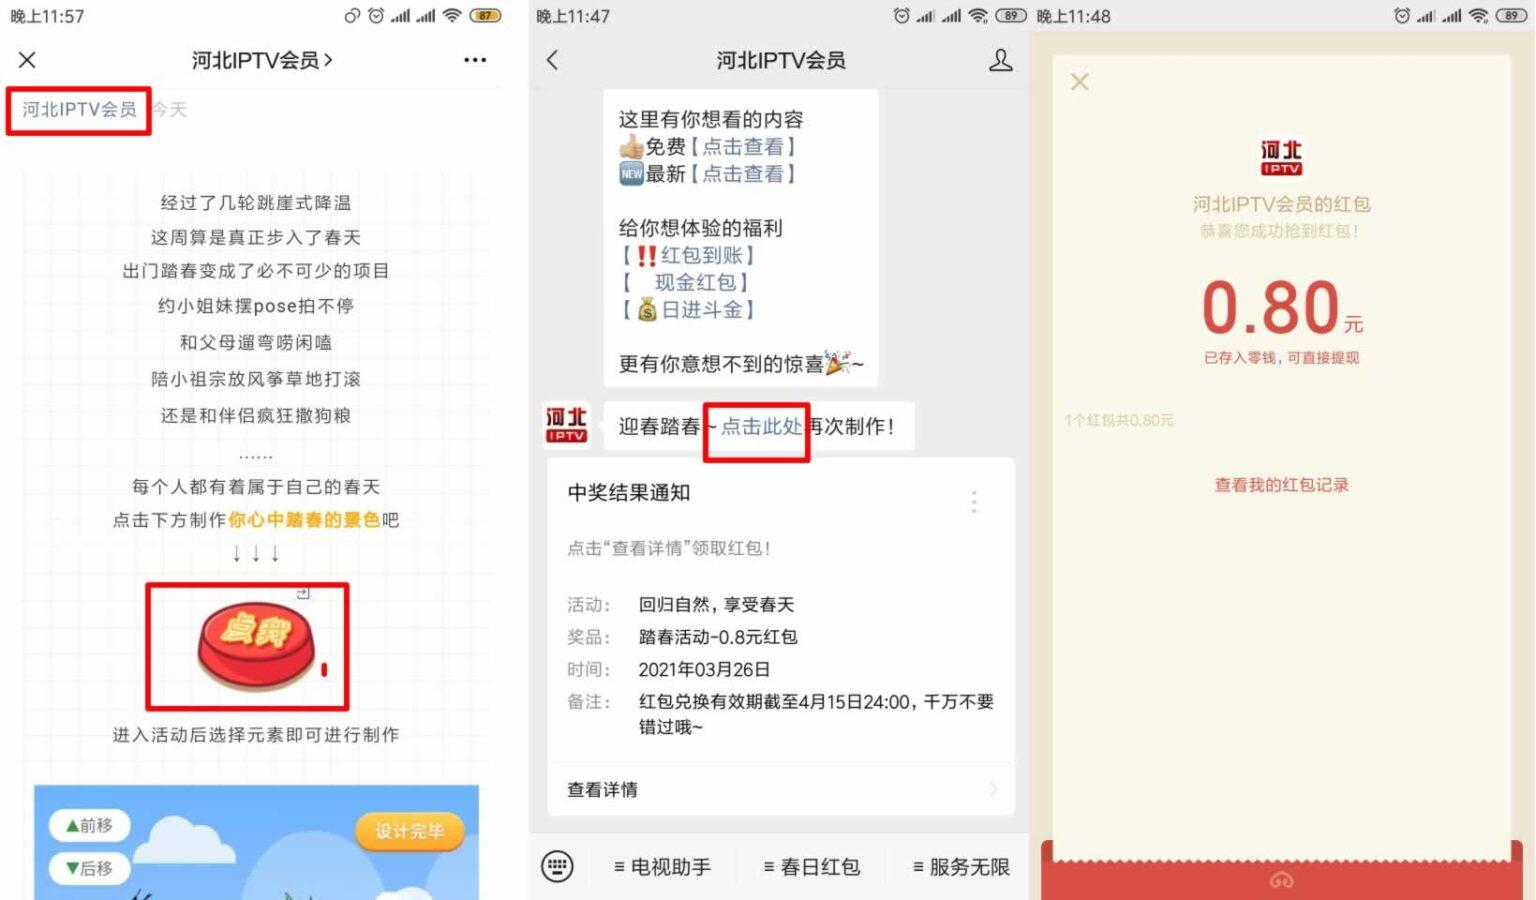 微信公众号河北IPTV春日福利抽红包0.3-0.8